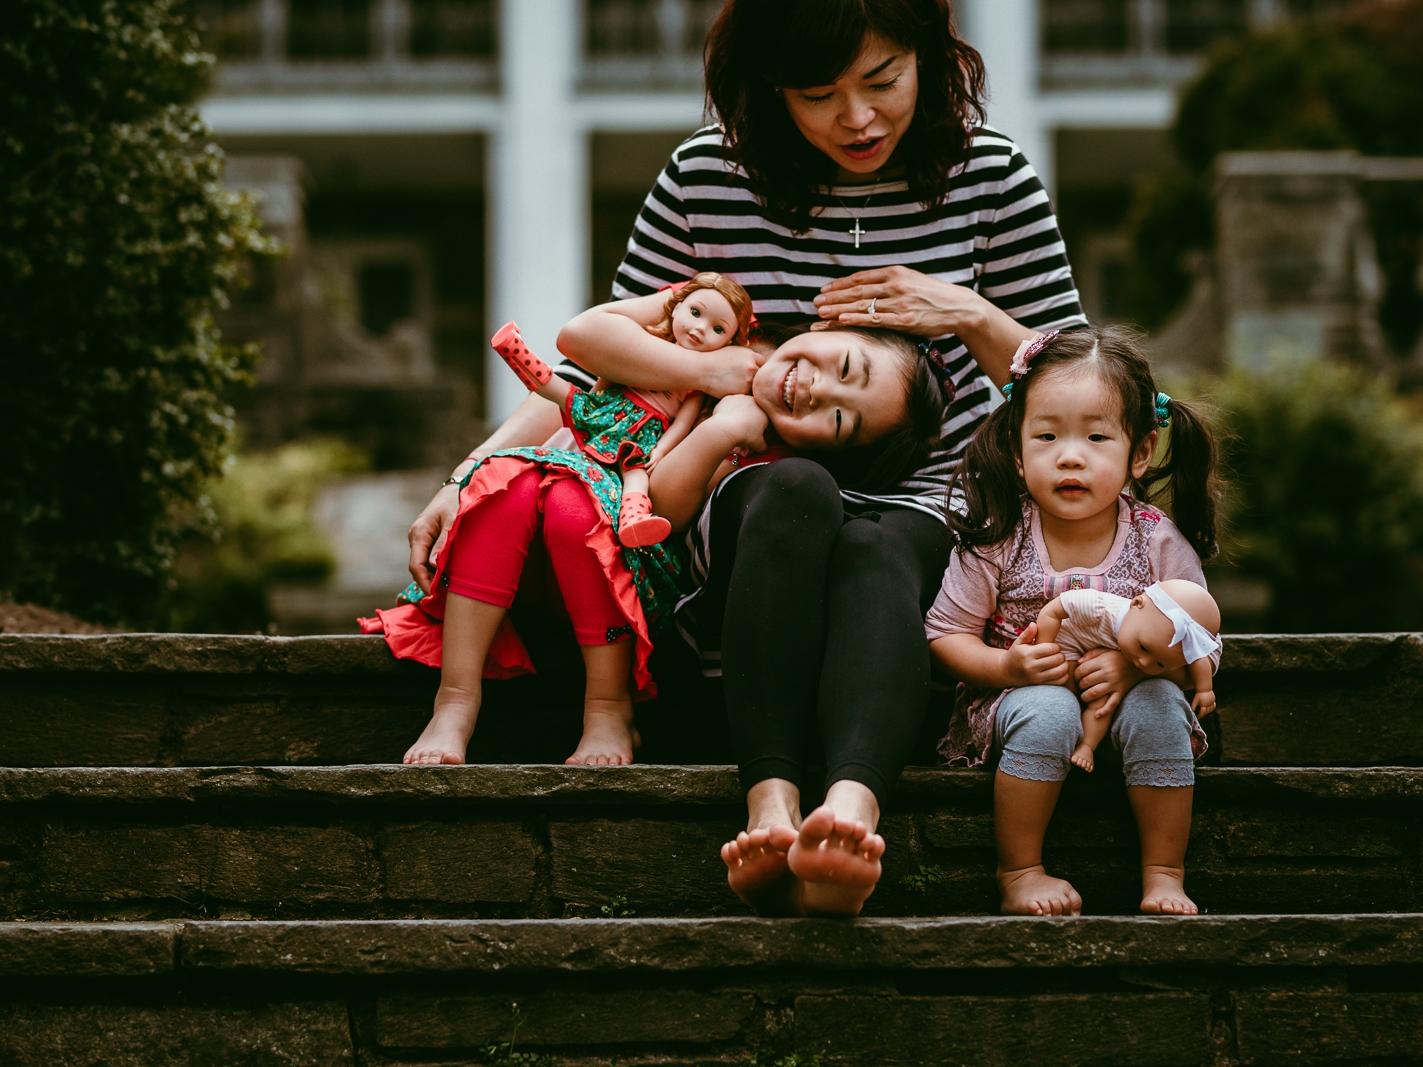 Family_Lifestyle_Photography_Rockville_Maryland_Brandi_Markham06.jpg